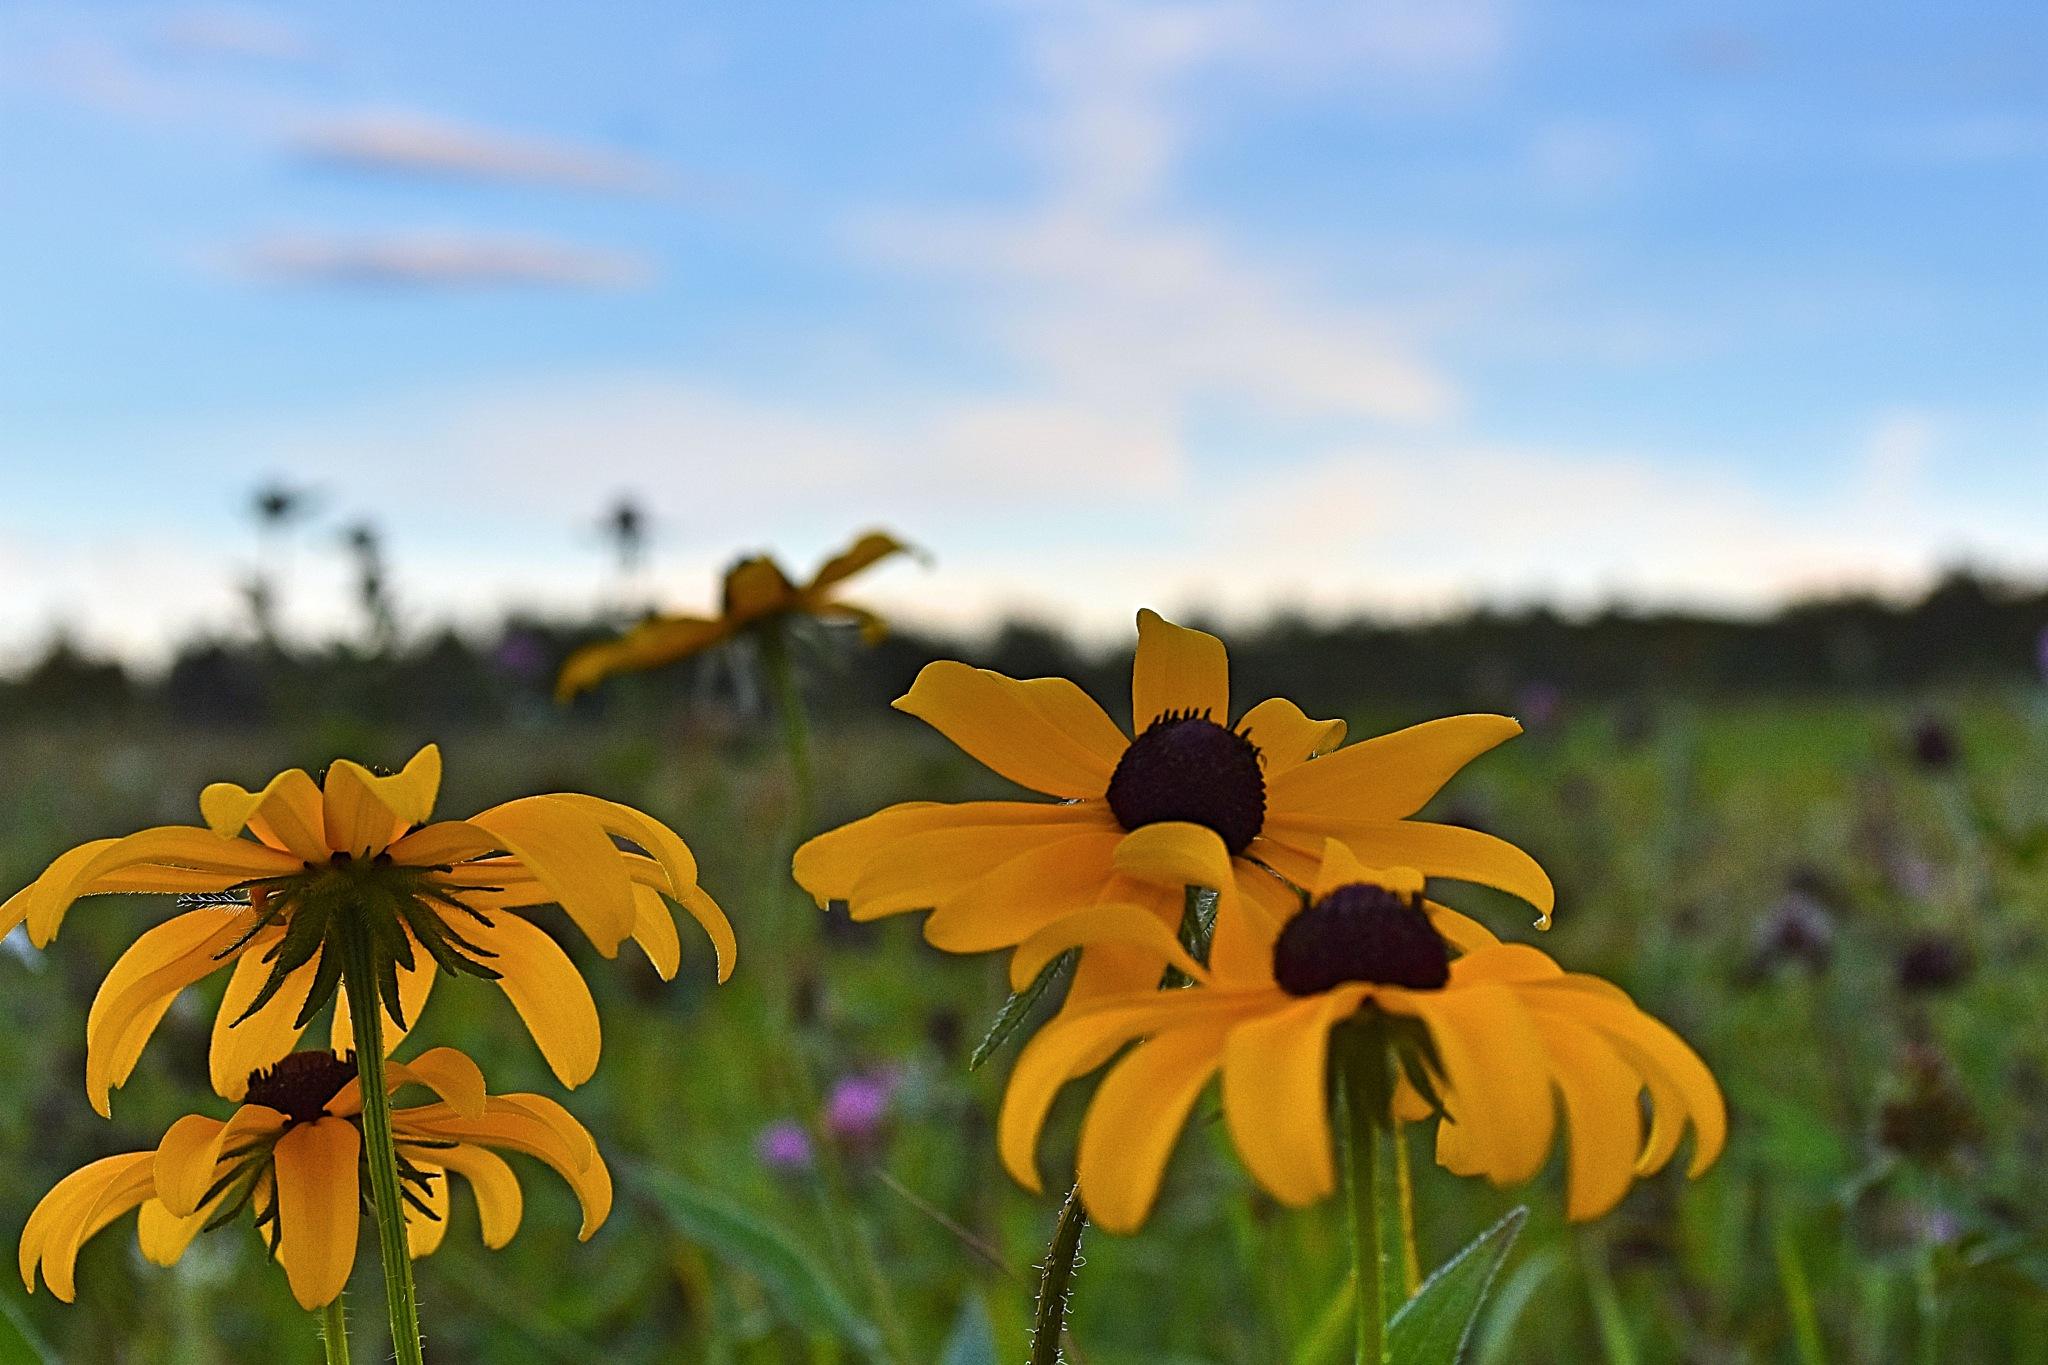 Yellow Flowers by Gena Koelker